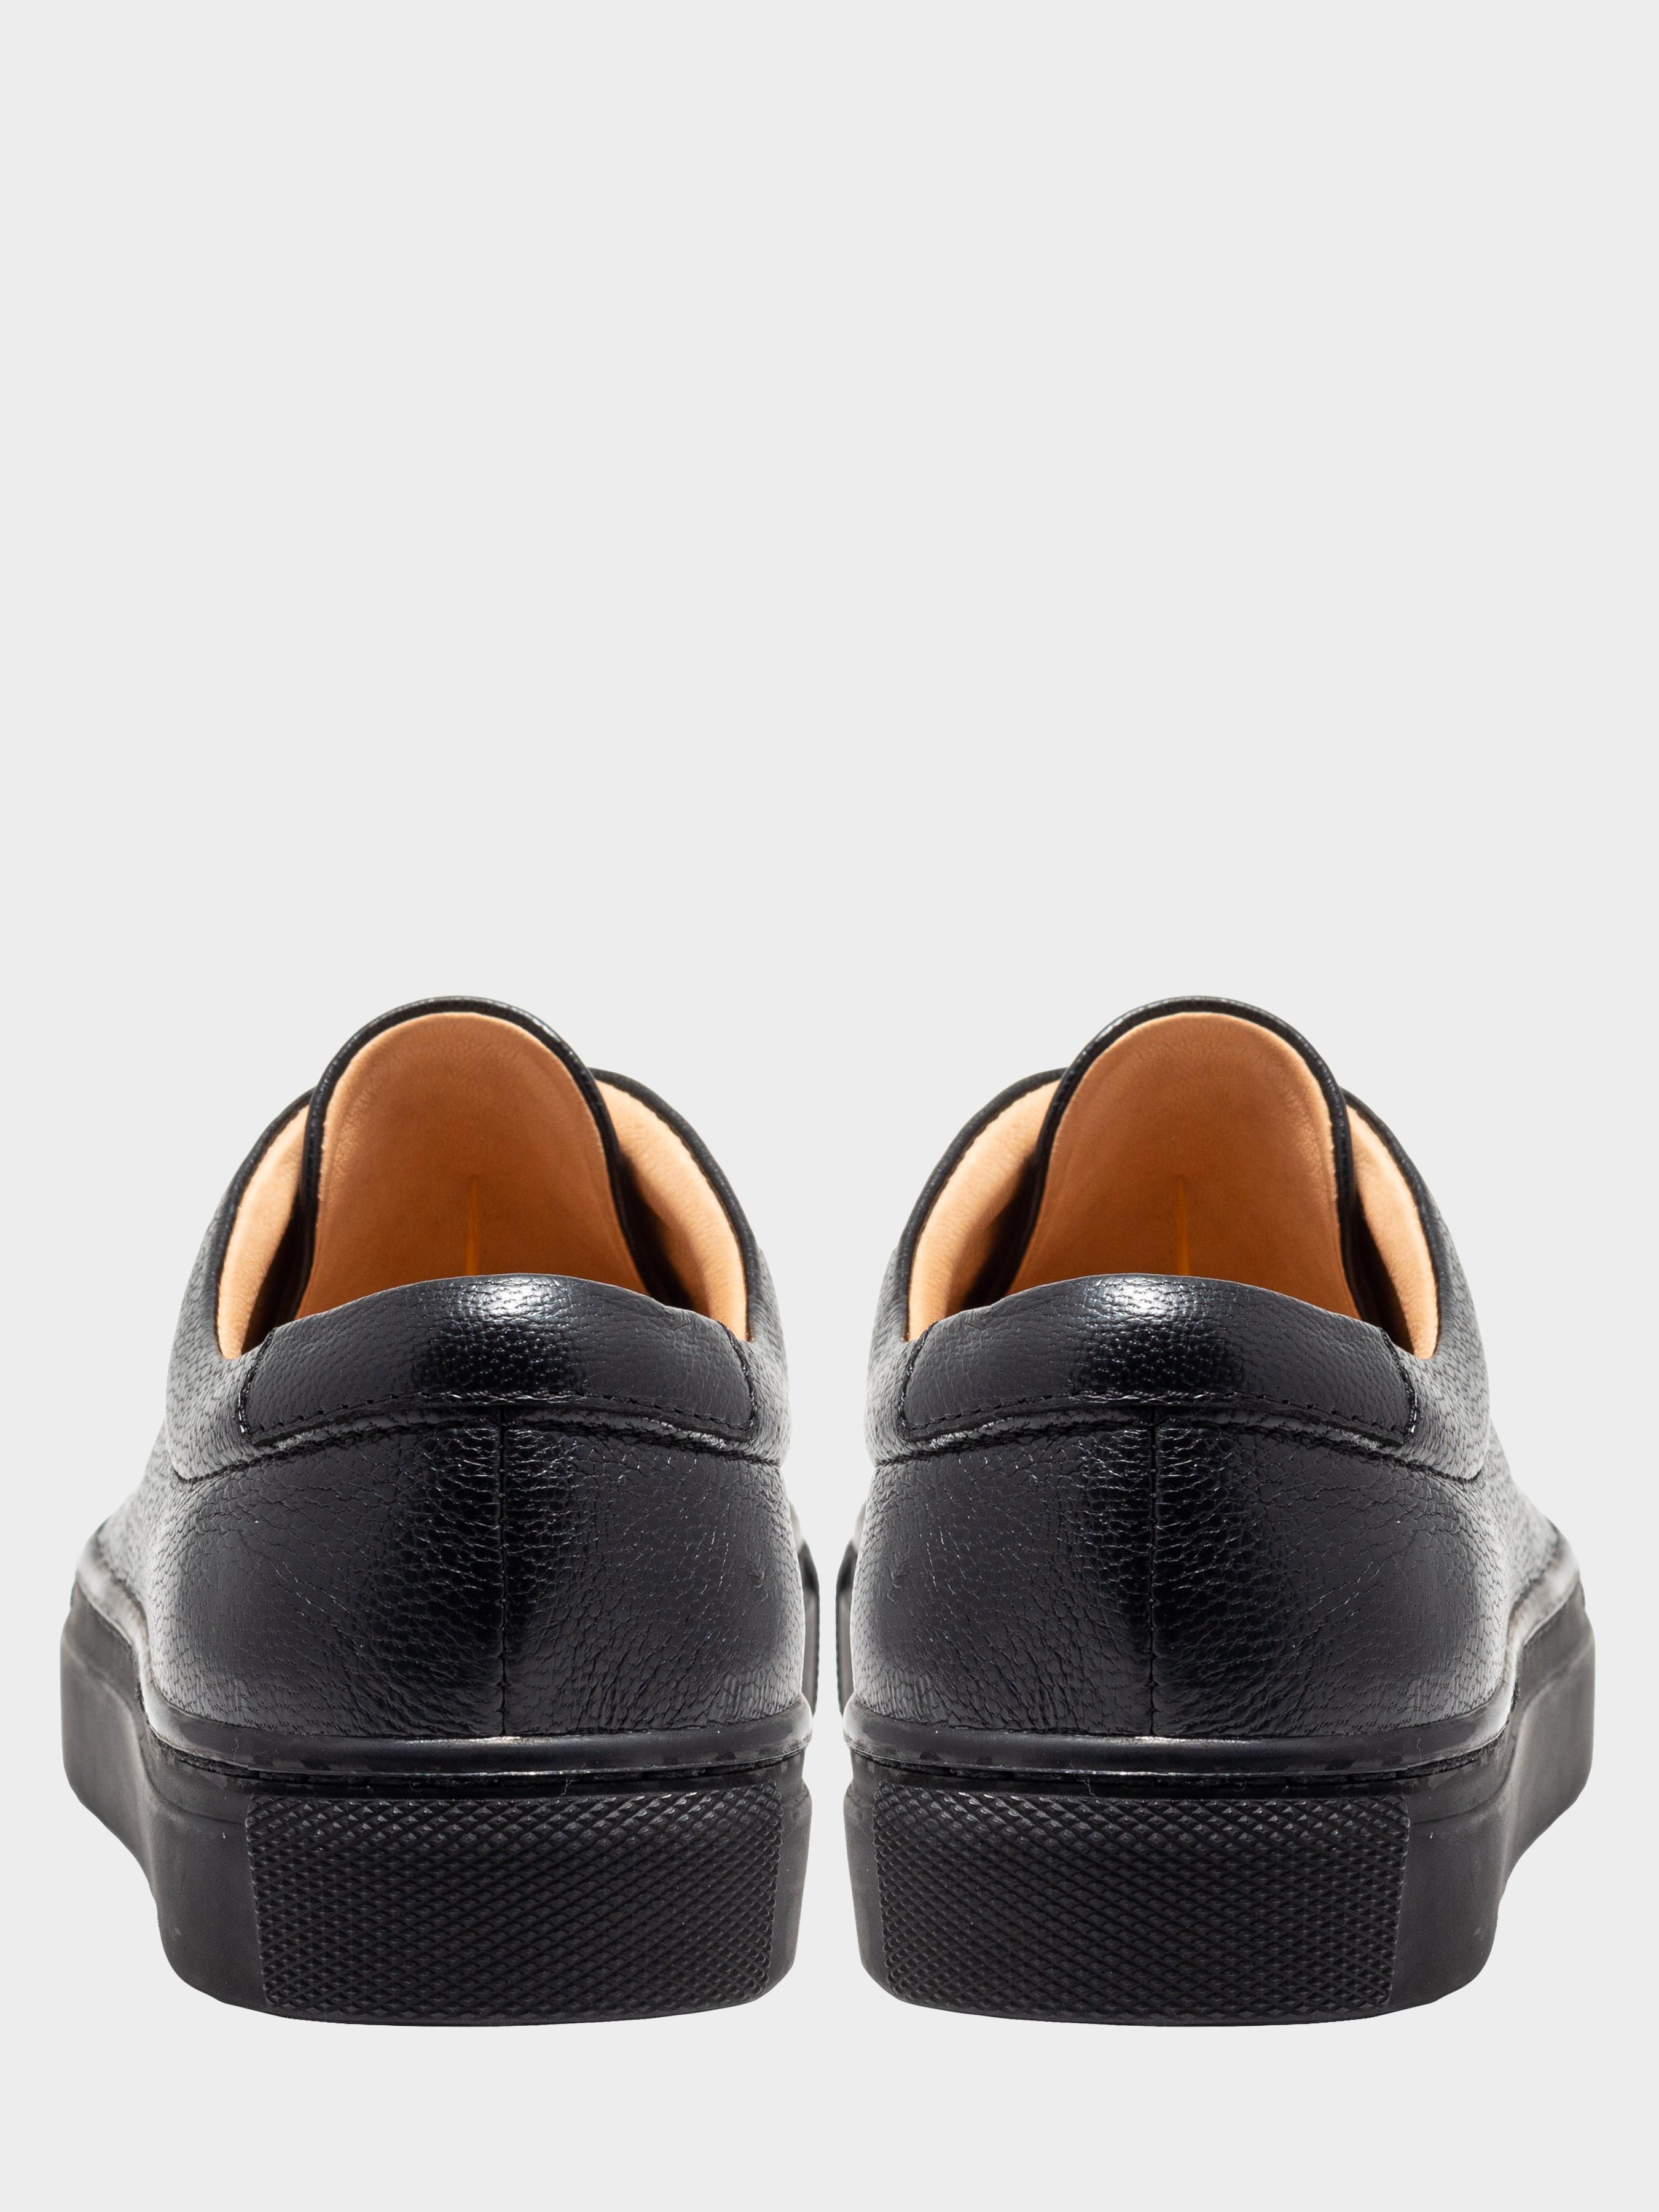 Кеды для женщин Туфли женские ENZO VERRATTI 18-1426-11bl размерная сетка обуви, 2017